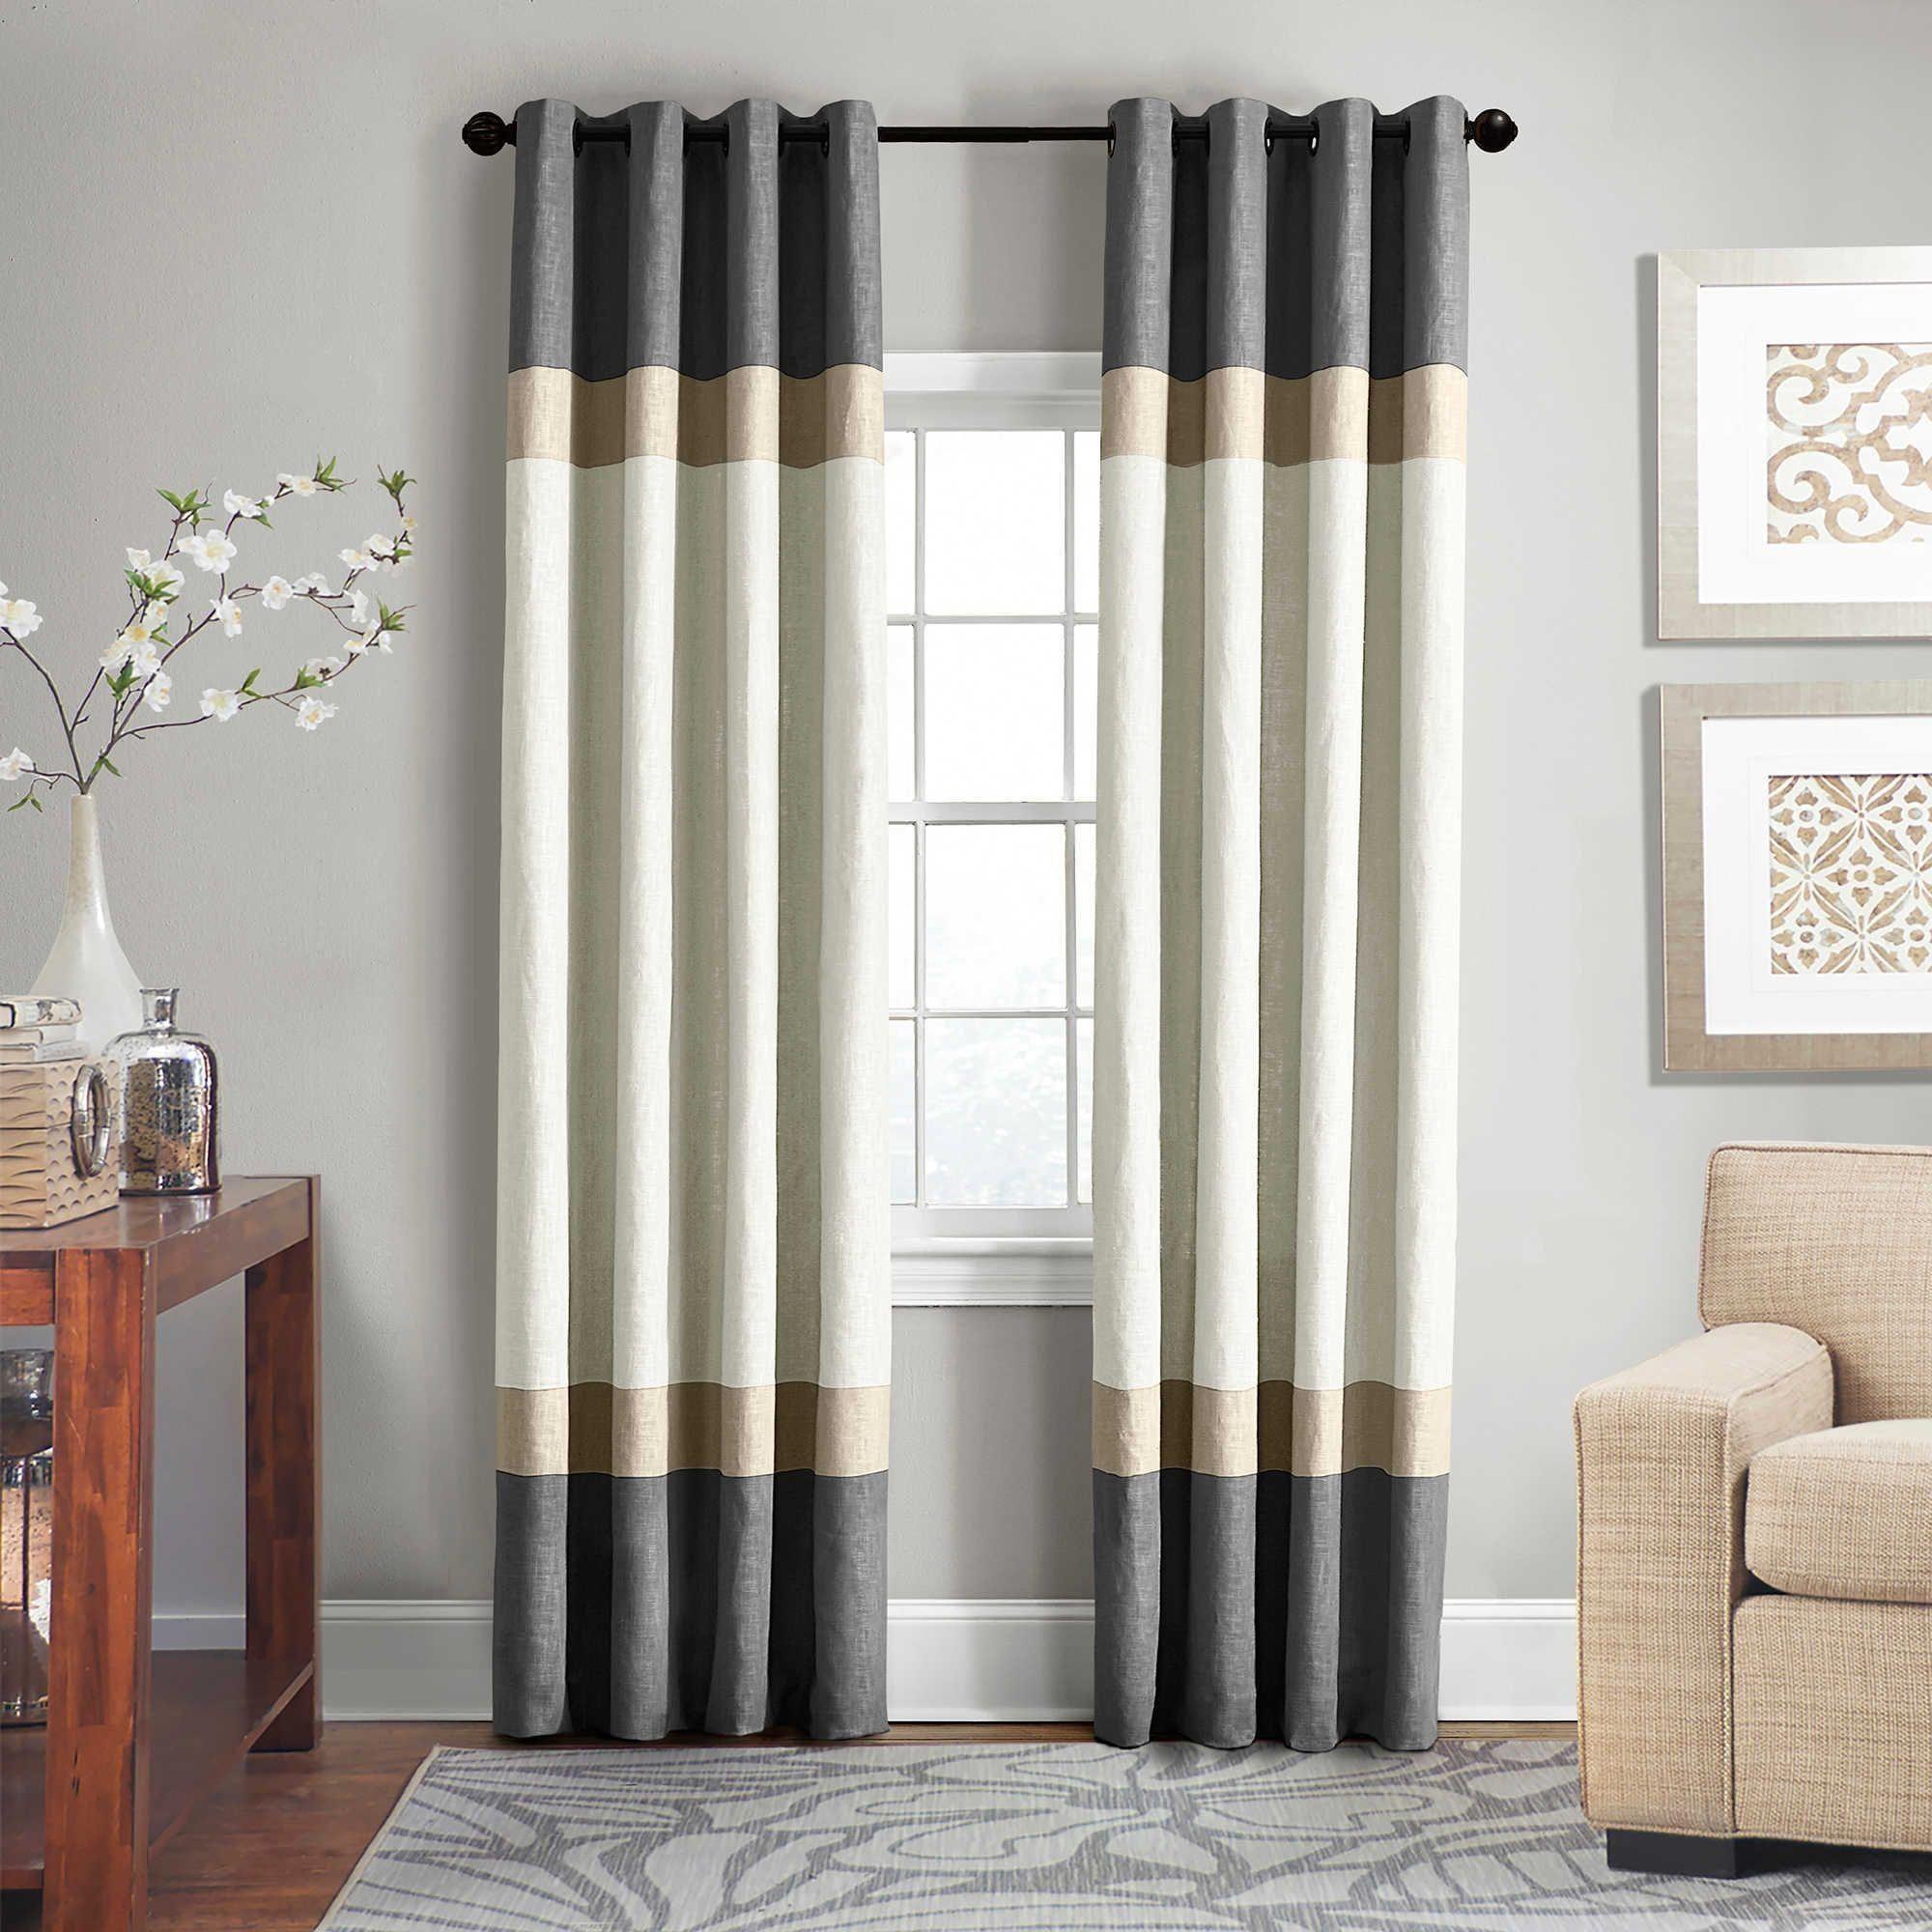 Blackout Vorhang Material Wo Zu Kaufen Dicke Vorhänge Grau